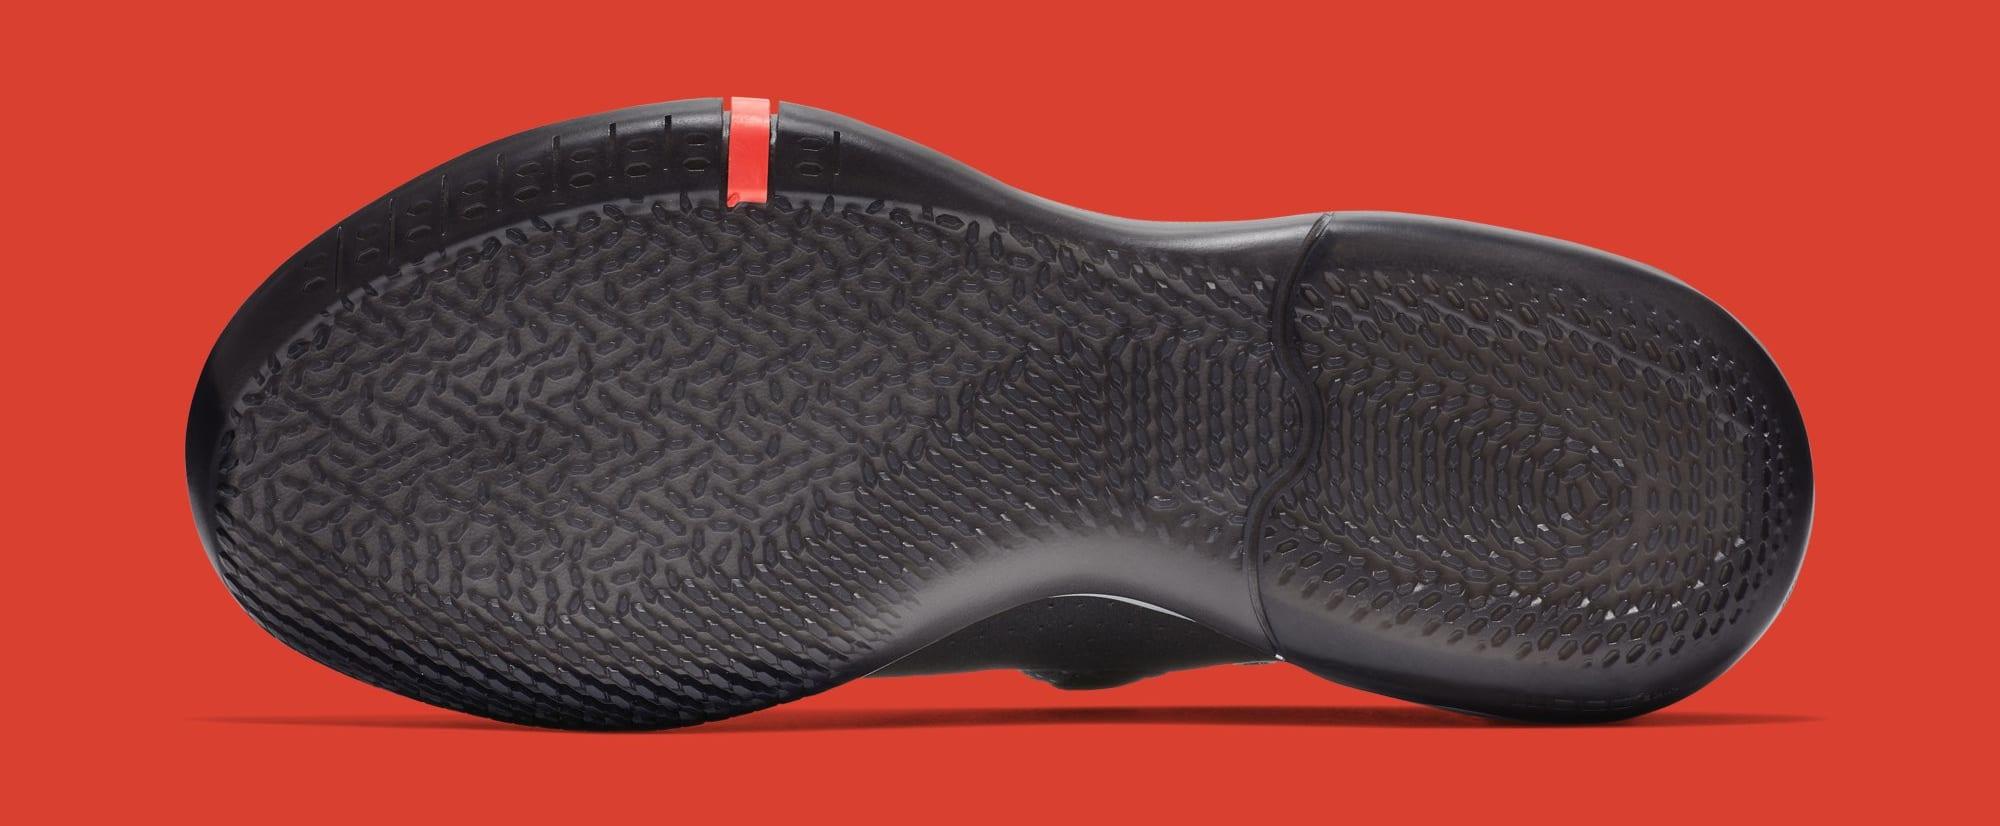 Nike Kobe AD 'Black/Multi' AV3555-001 (Bottom)